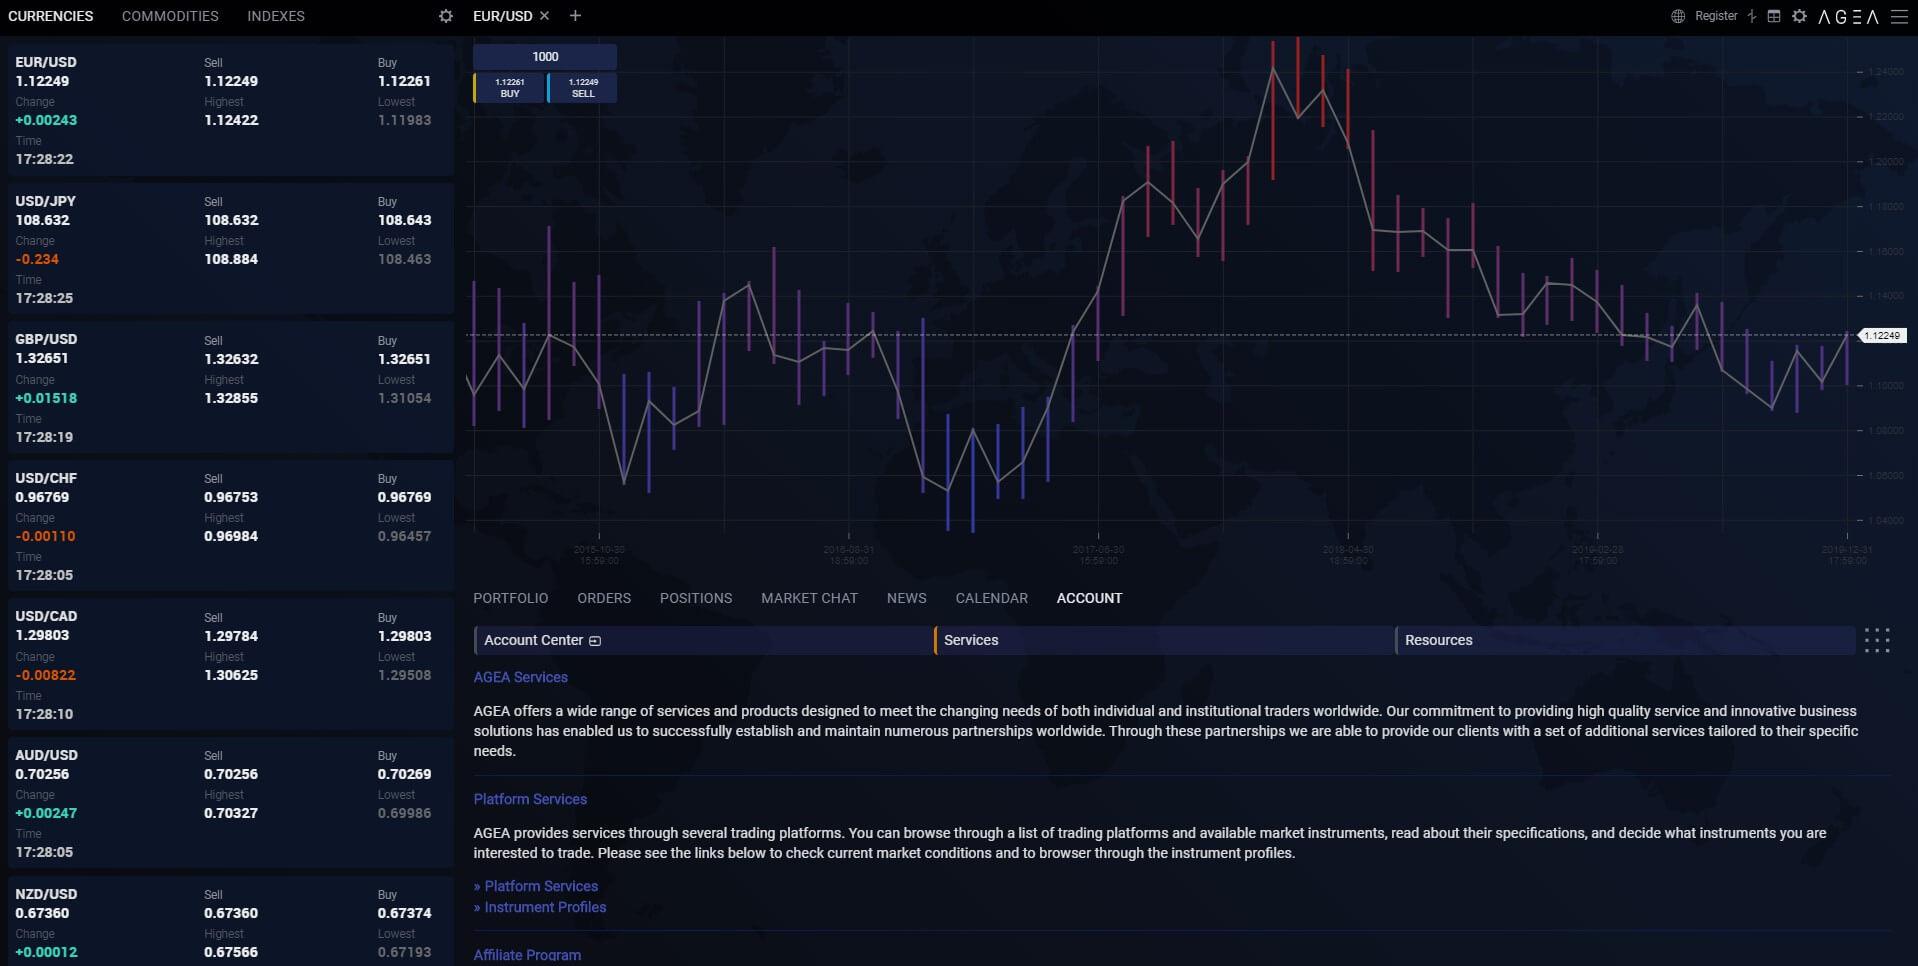 Cara Deposit Forex Metatrader 4 Trading Platform Withdrawal Bonus ǜ‹ç·šåœ–輕鬆賺外匯